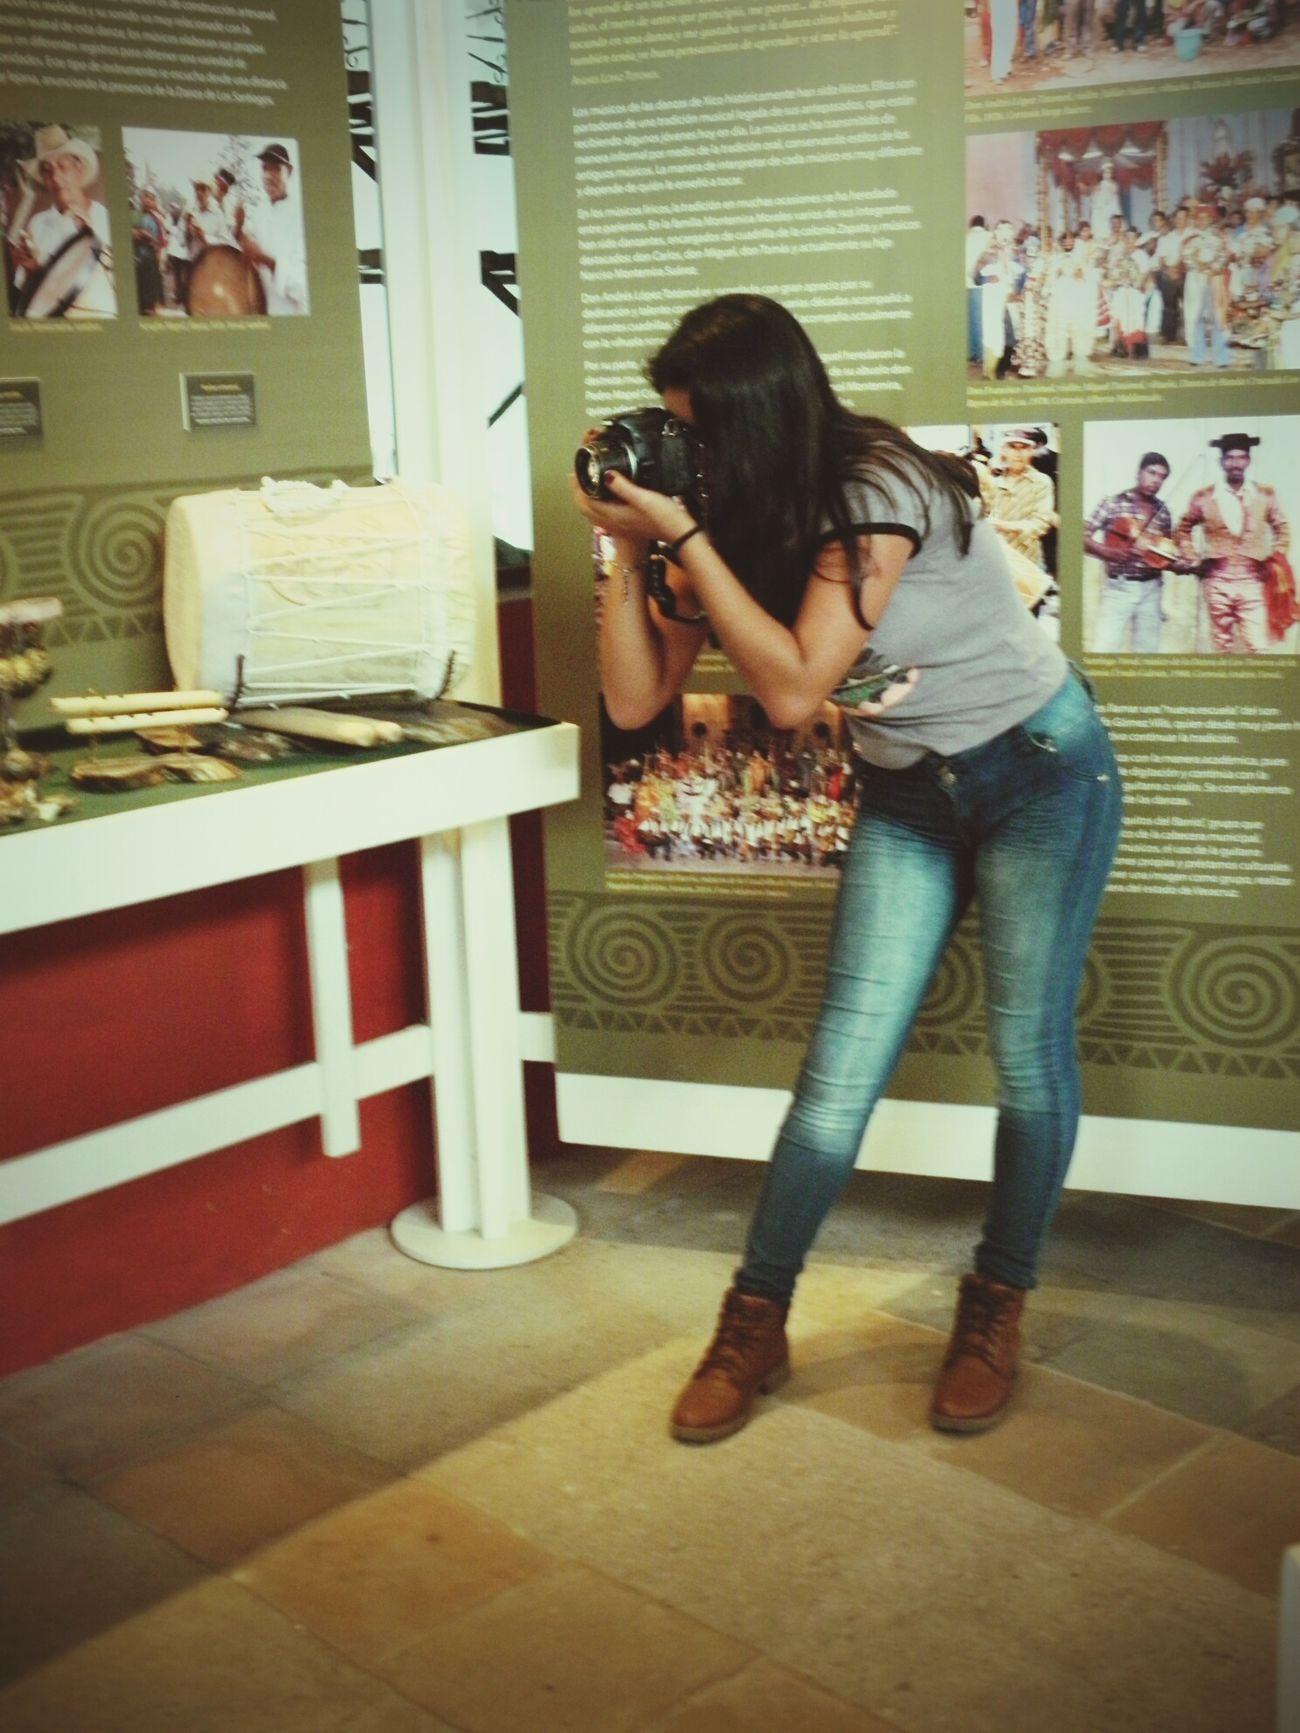 Modelo a Fotografo Hobbyphotographer Capture The Moment Casual Clothing Lifestyles Photography Themes Details Of My Life Contemplation Sencibilidad- Fortaleza Xico Pueblo Mágico Veracruz, México Veracruz Es Bello Love My Life ❤